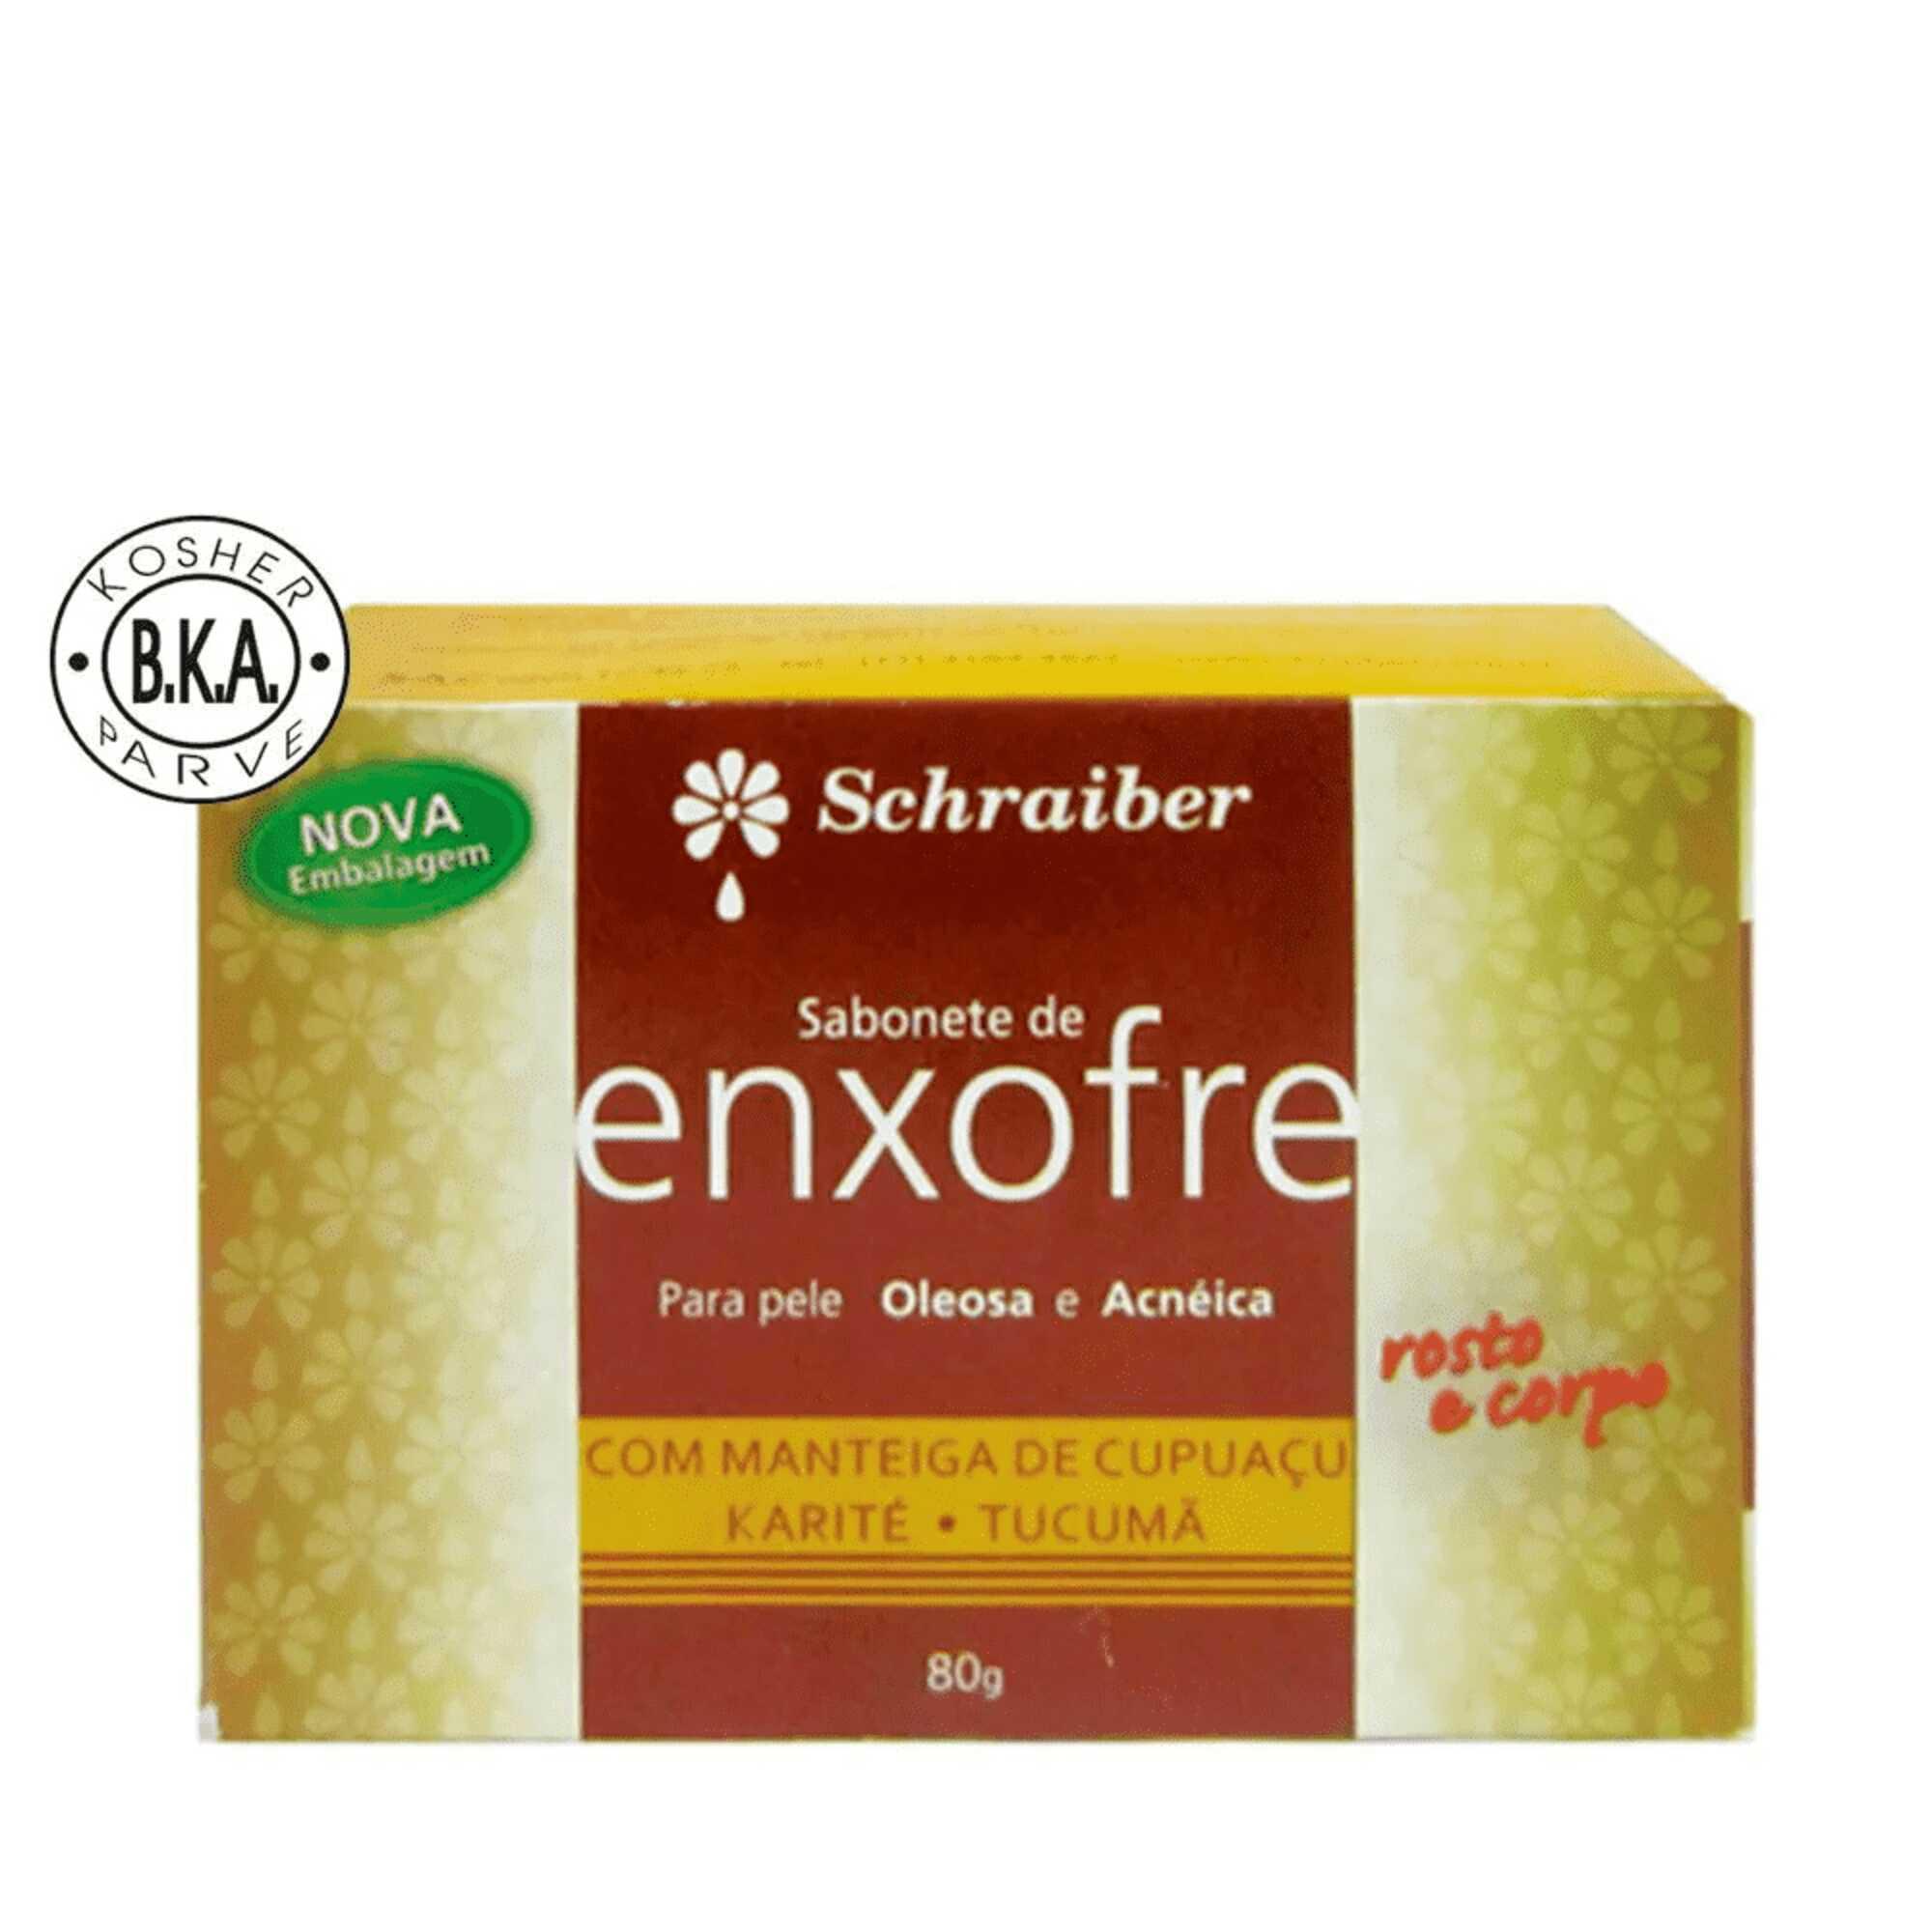 Sabonete Enxofre 80g Schraiber